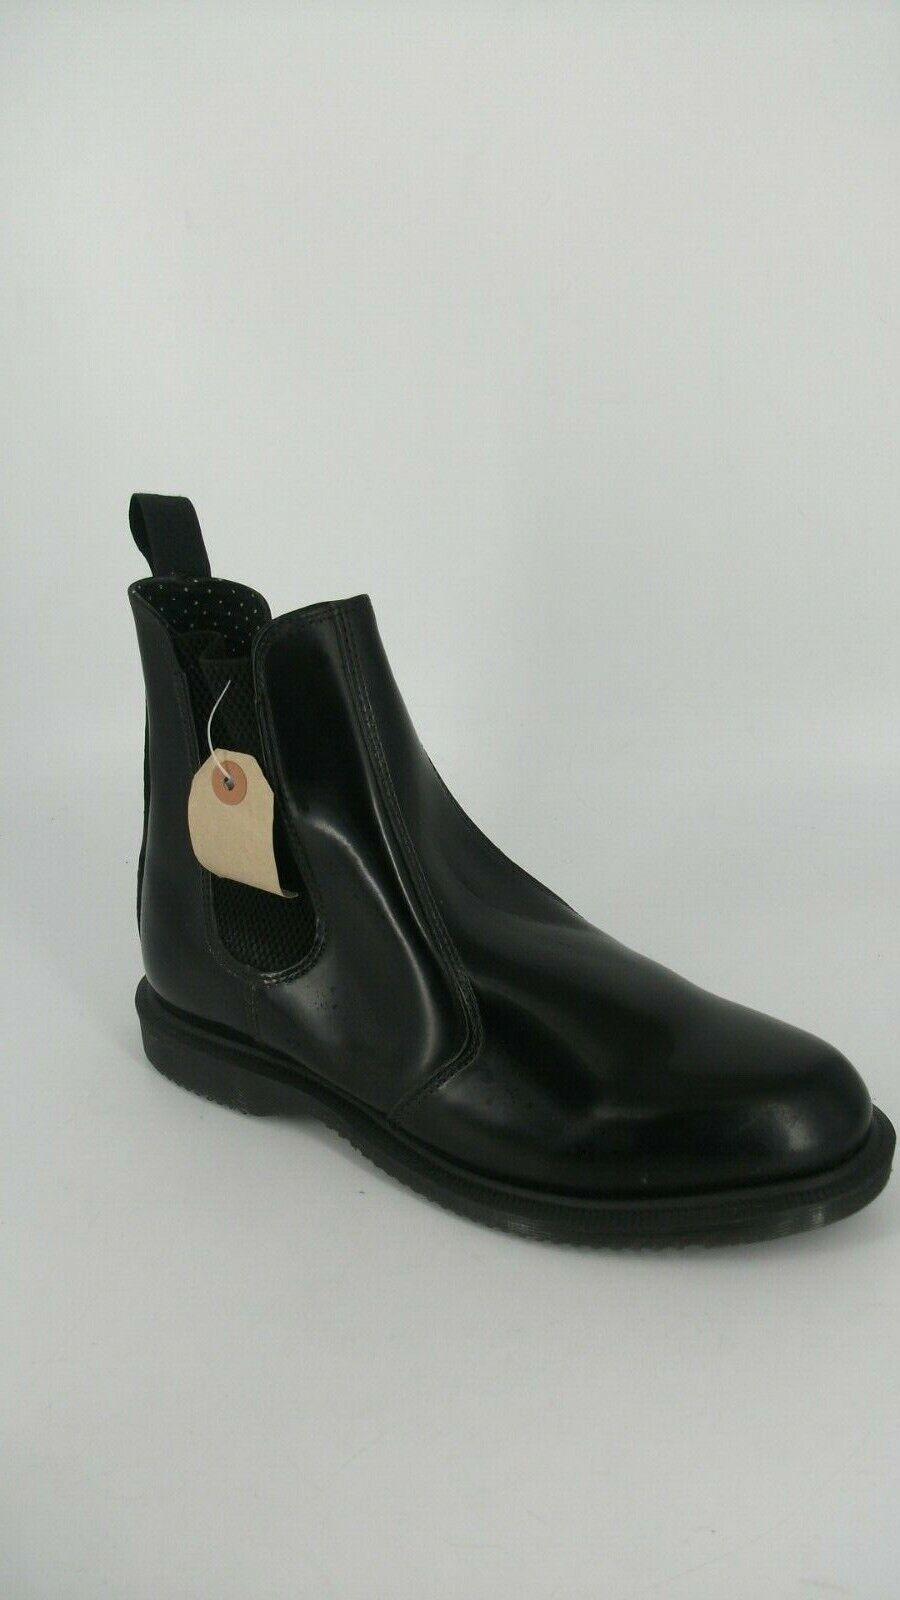 Dr. Martens FLORA - Classici stivali  da caviglia Dimensione UK 7 EU 41 NH095 DD 04  tempo libero